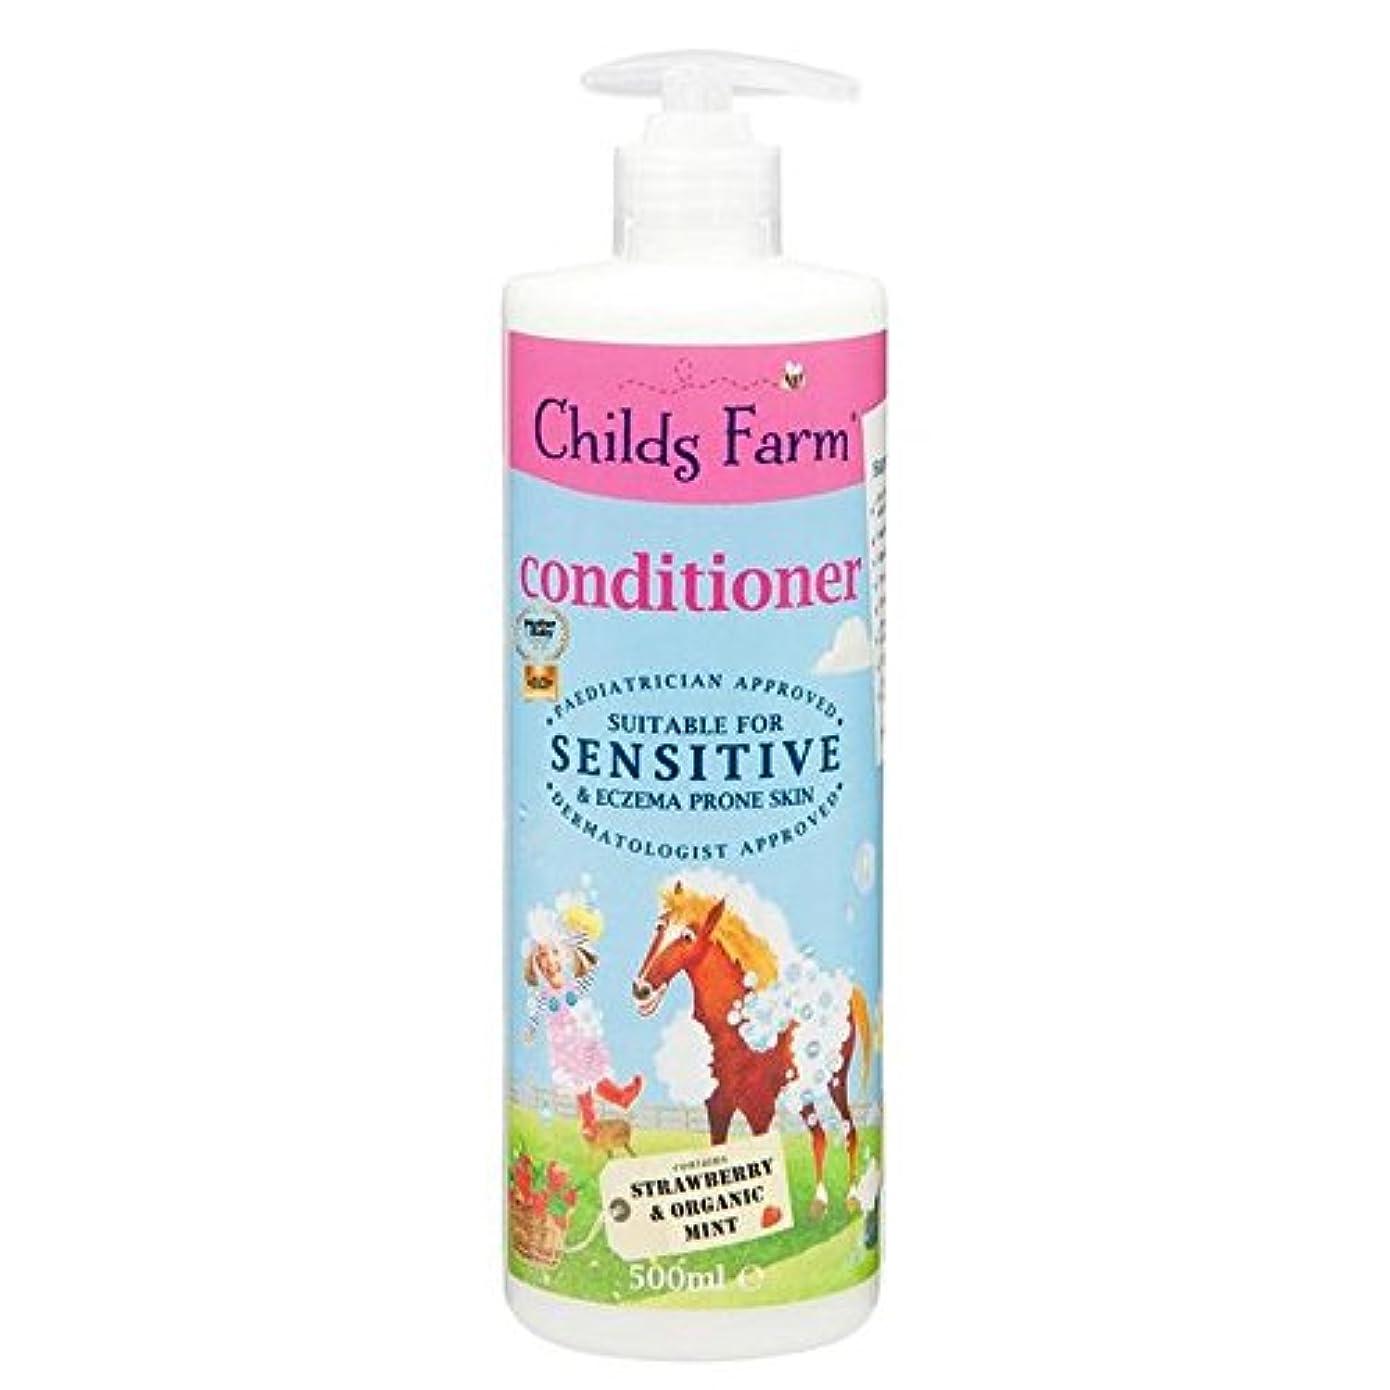 フェードオーディション安息Childs Farm Conditioner for Unruly Hair 500ml - 手に負えない髪の500ミリリットルのためのチャイルズファームコンディショナー [並行輸入品]